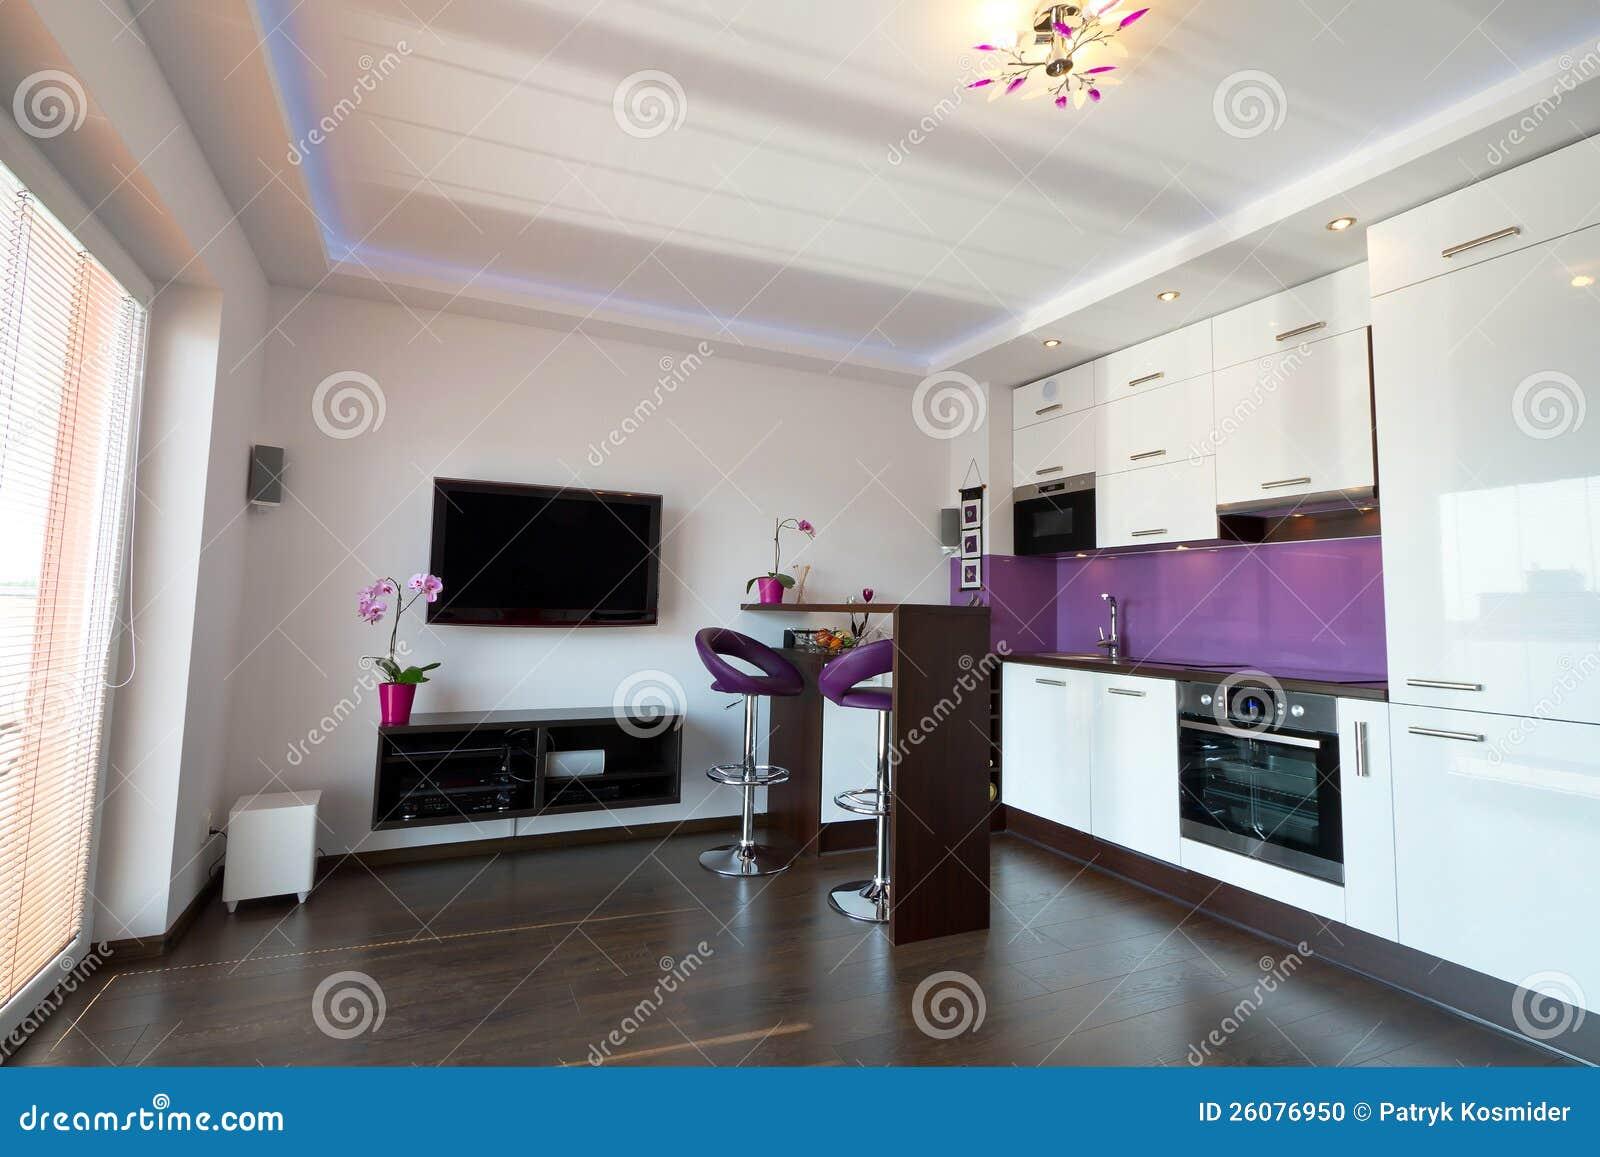 Cocina moderna con la sala de estar foto de archivo for Sala de estar estancia cocina abierta